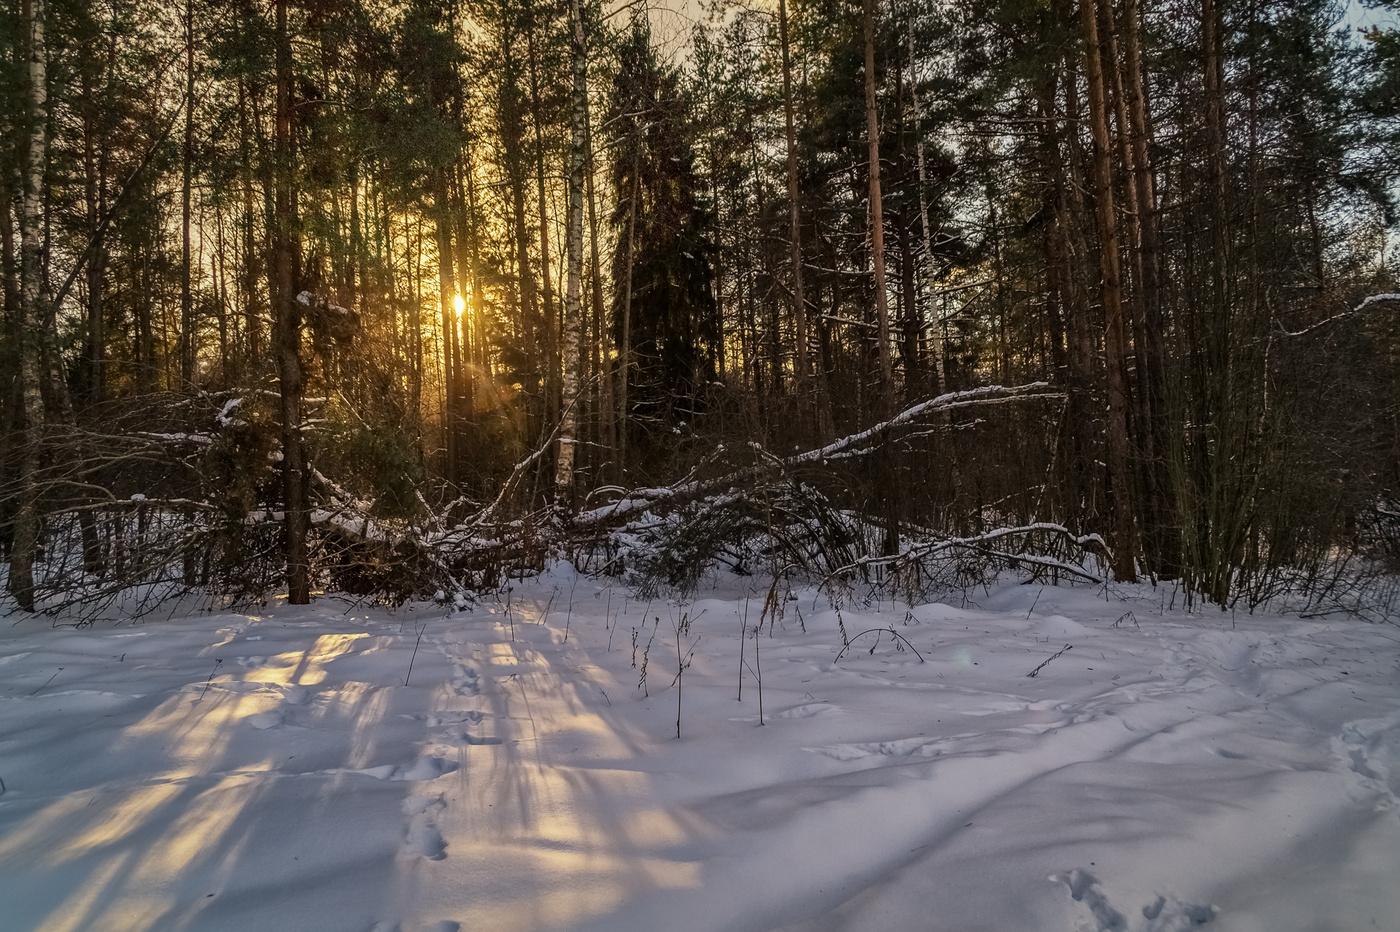 За лесом  википедия